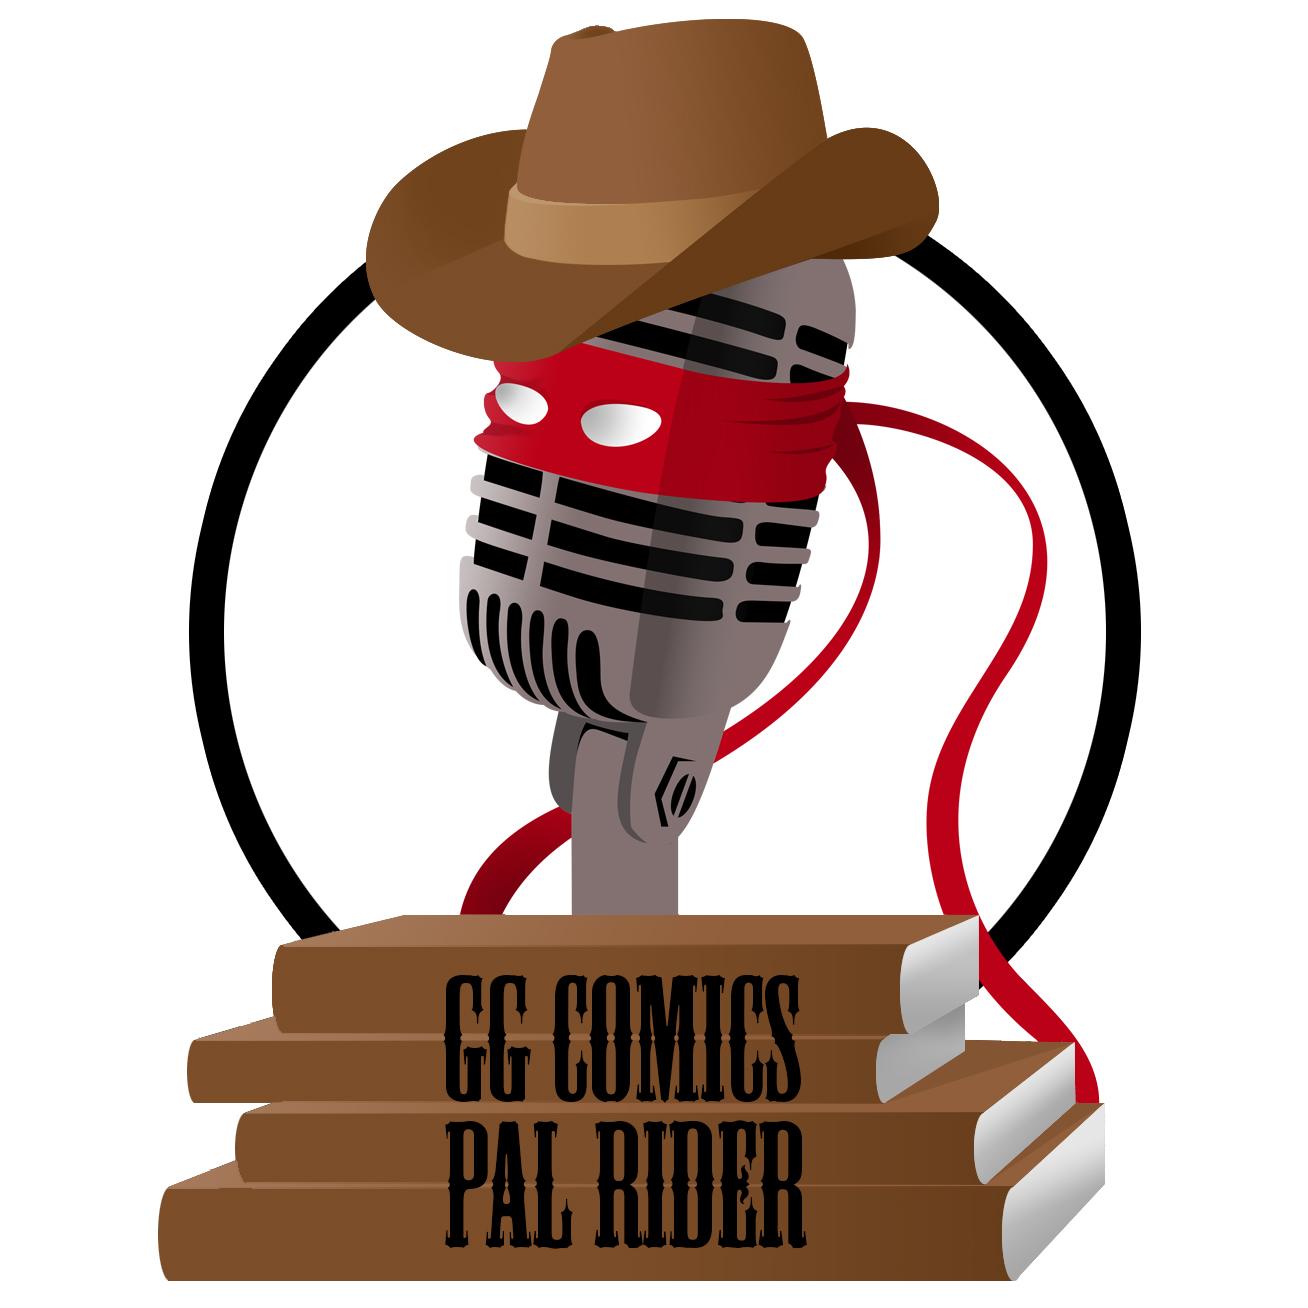 Les GG comics - PAL Rider #002